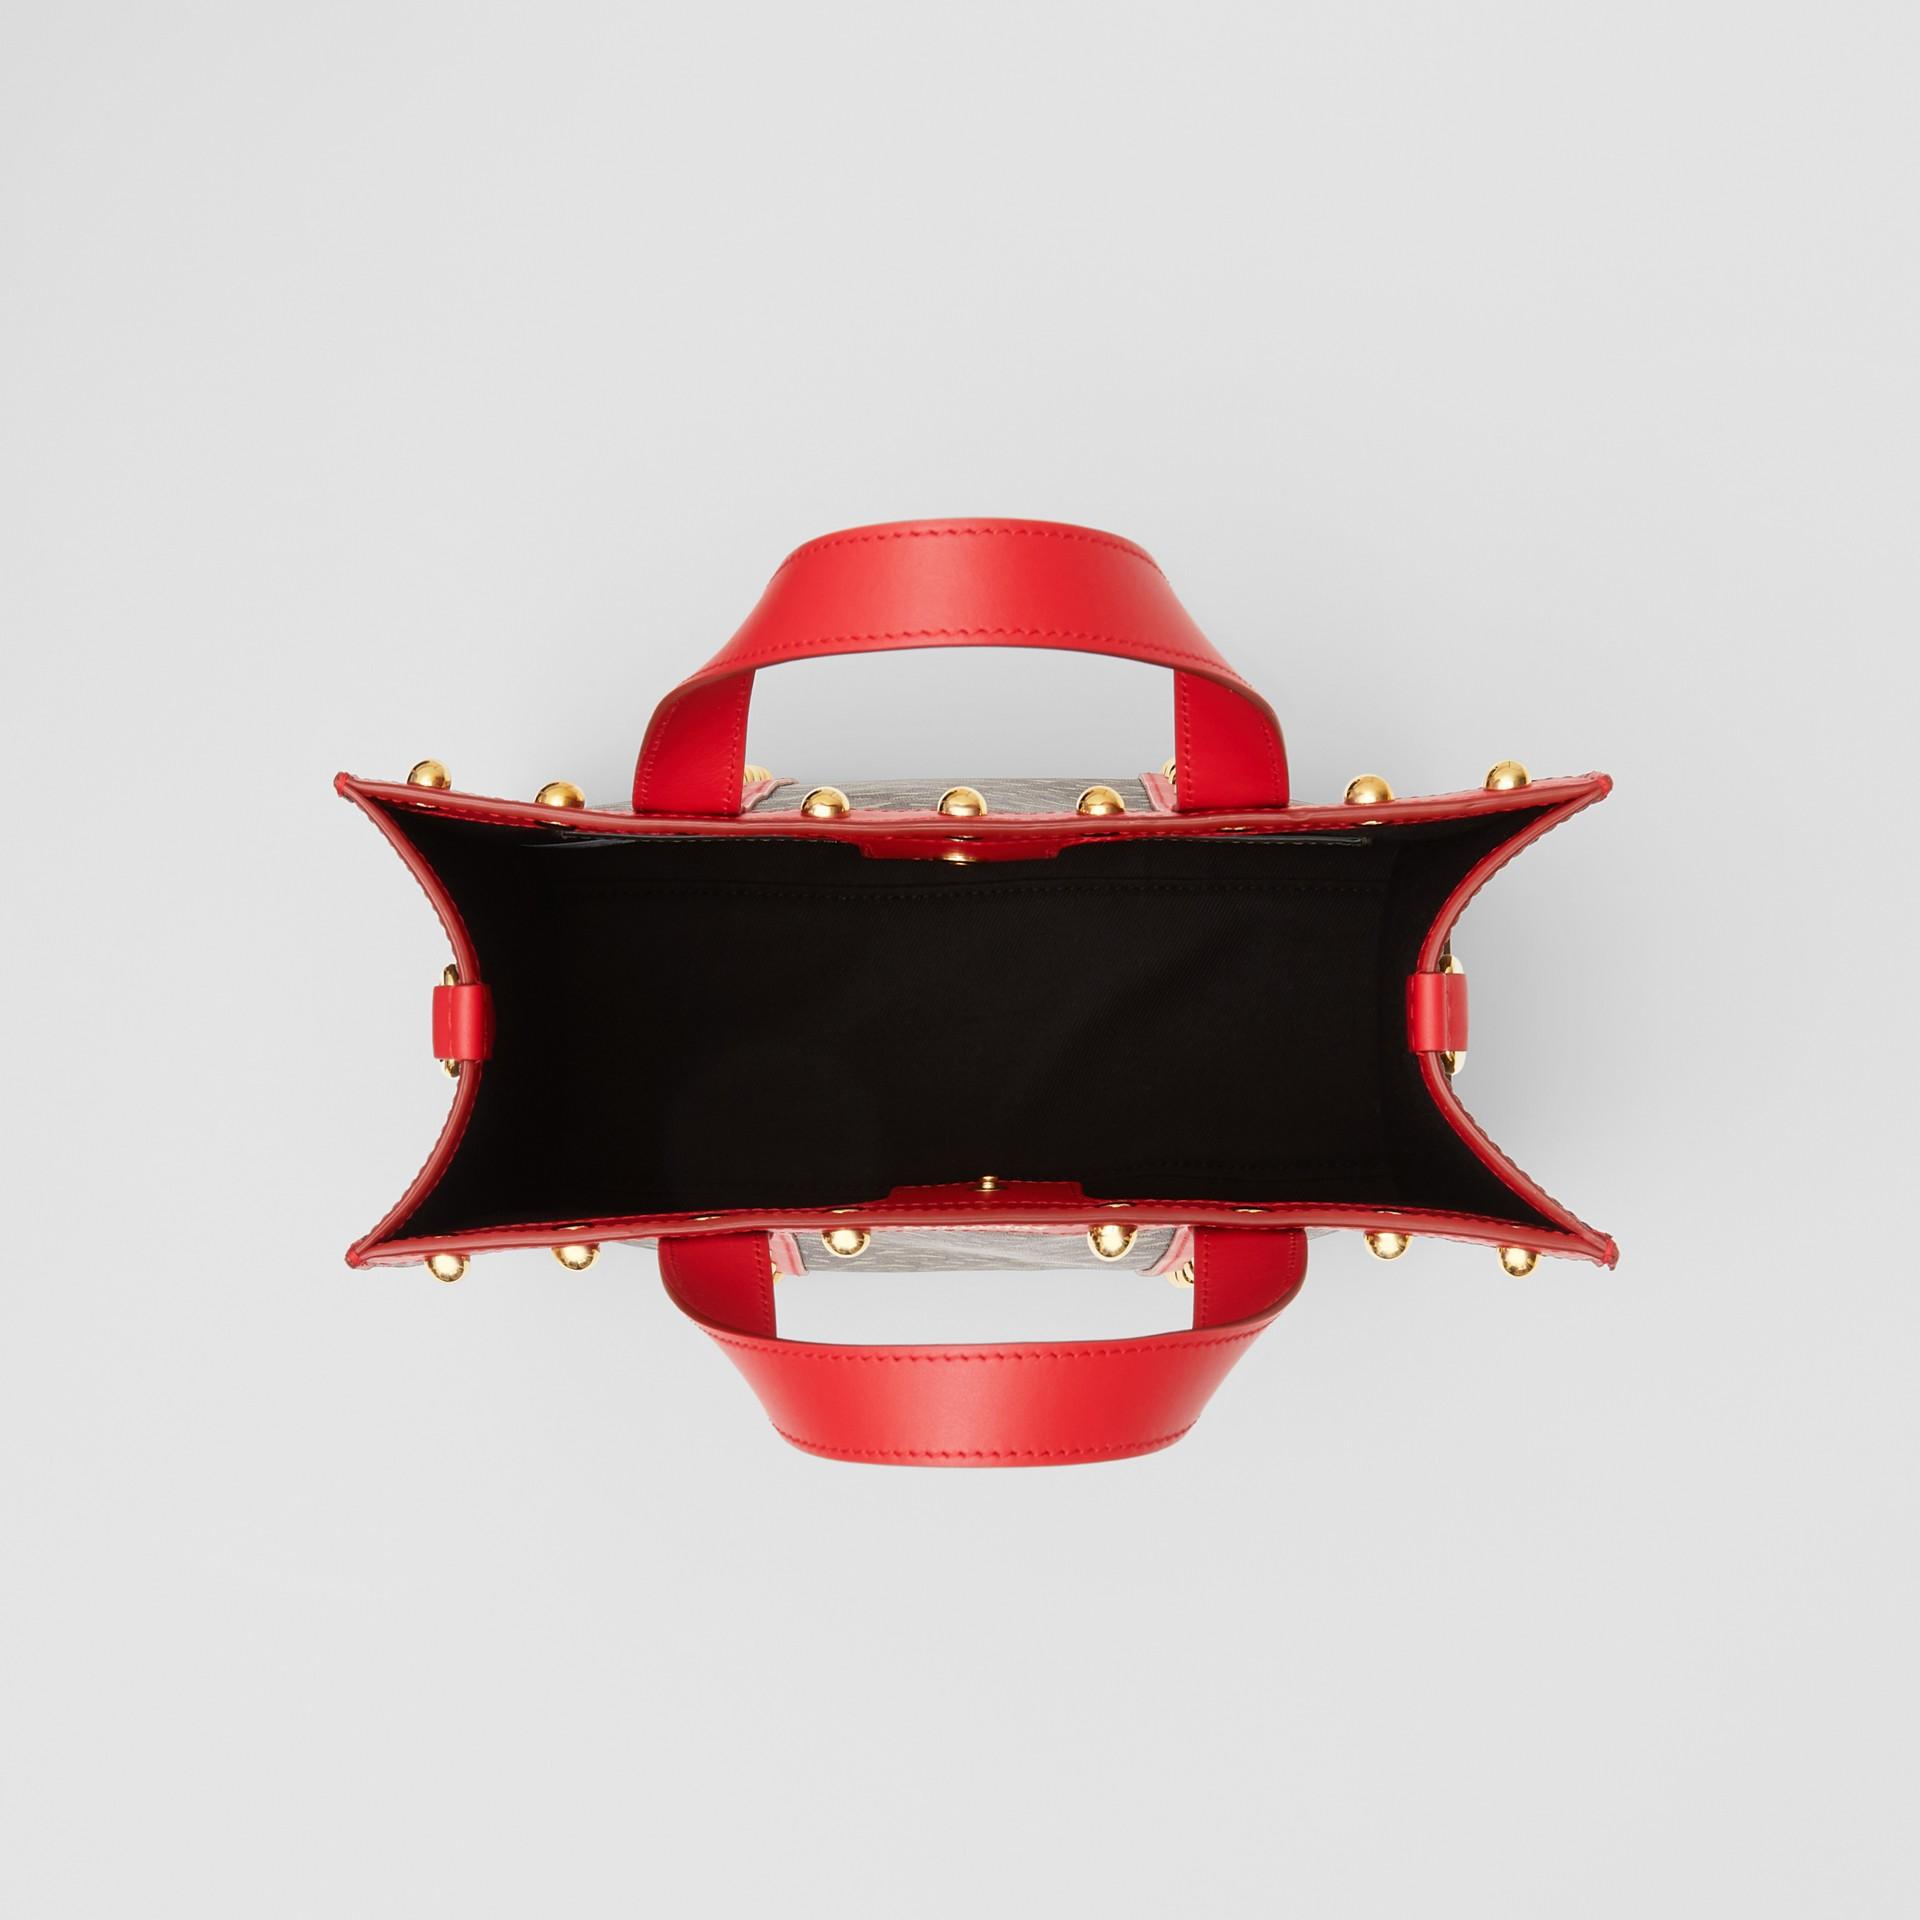 スモール モノグラムプリント Eキャンバス ポートレート トートバッグ (ブライトレッド) - ウィメンズ | バーバリー - ギャラリーイメージ 5